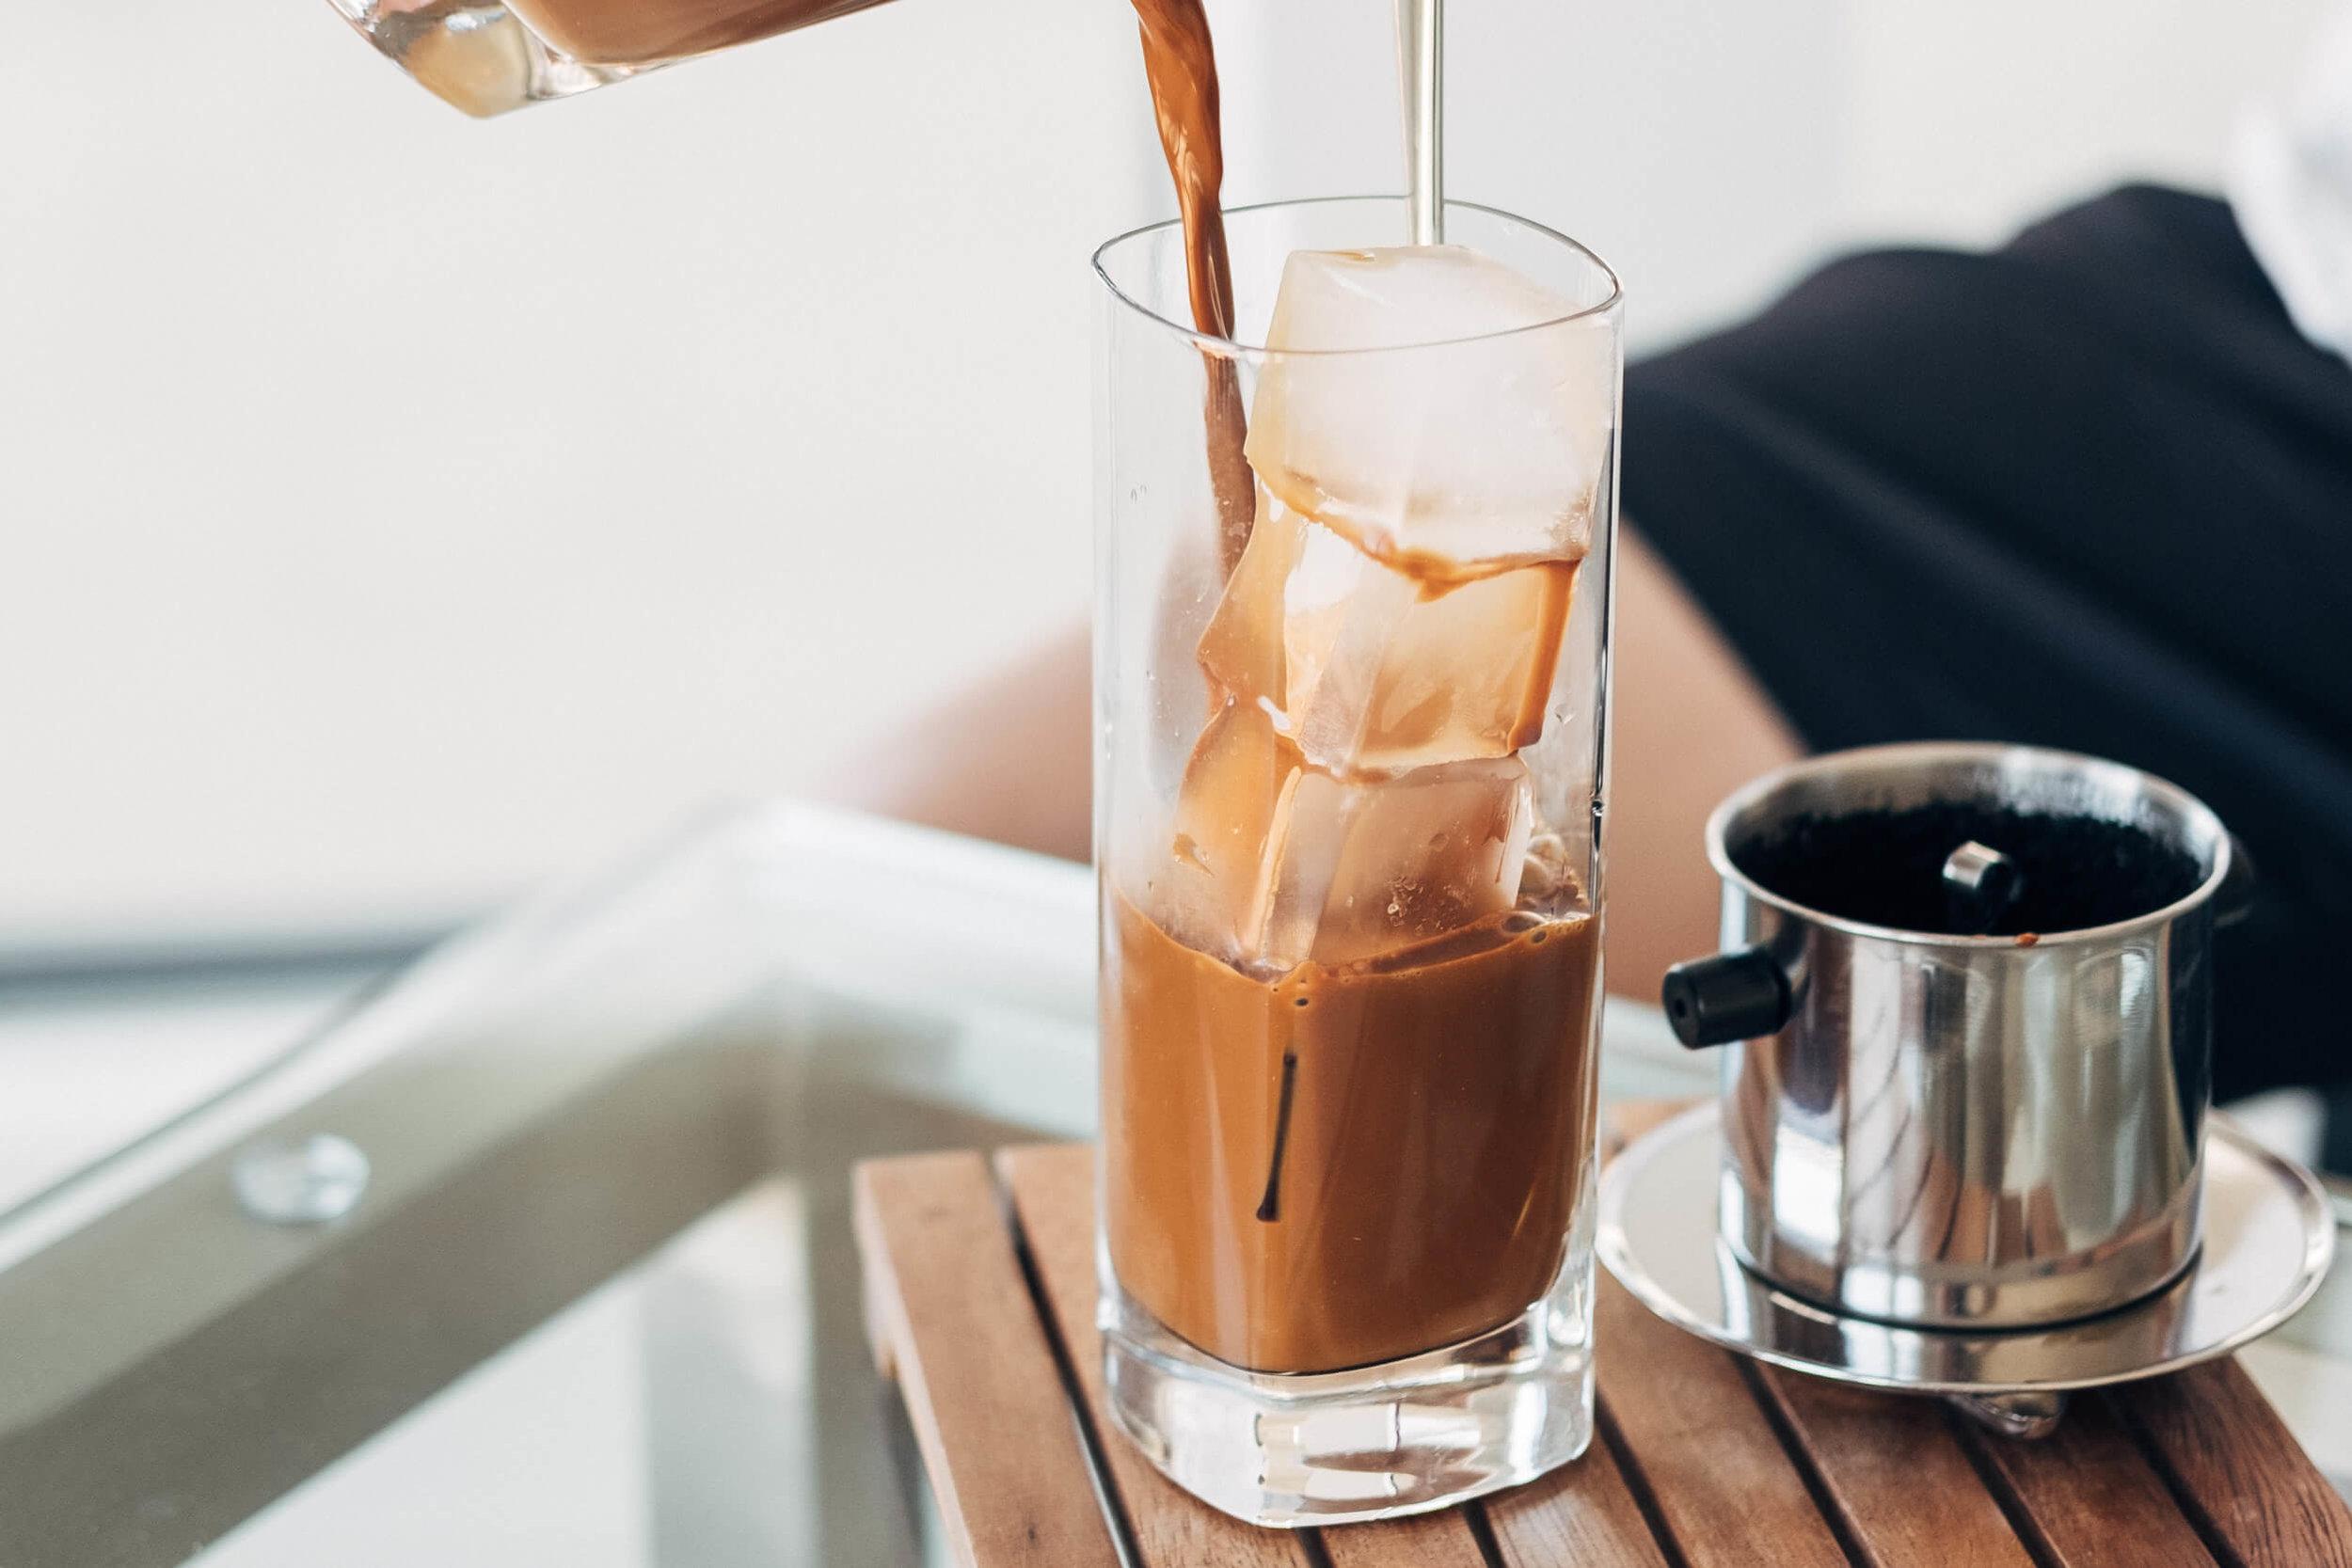 5 tác hại của việc uống nhiều cà phê gây hại tới sức khỏe